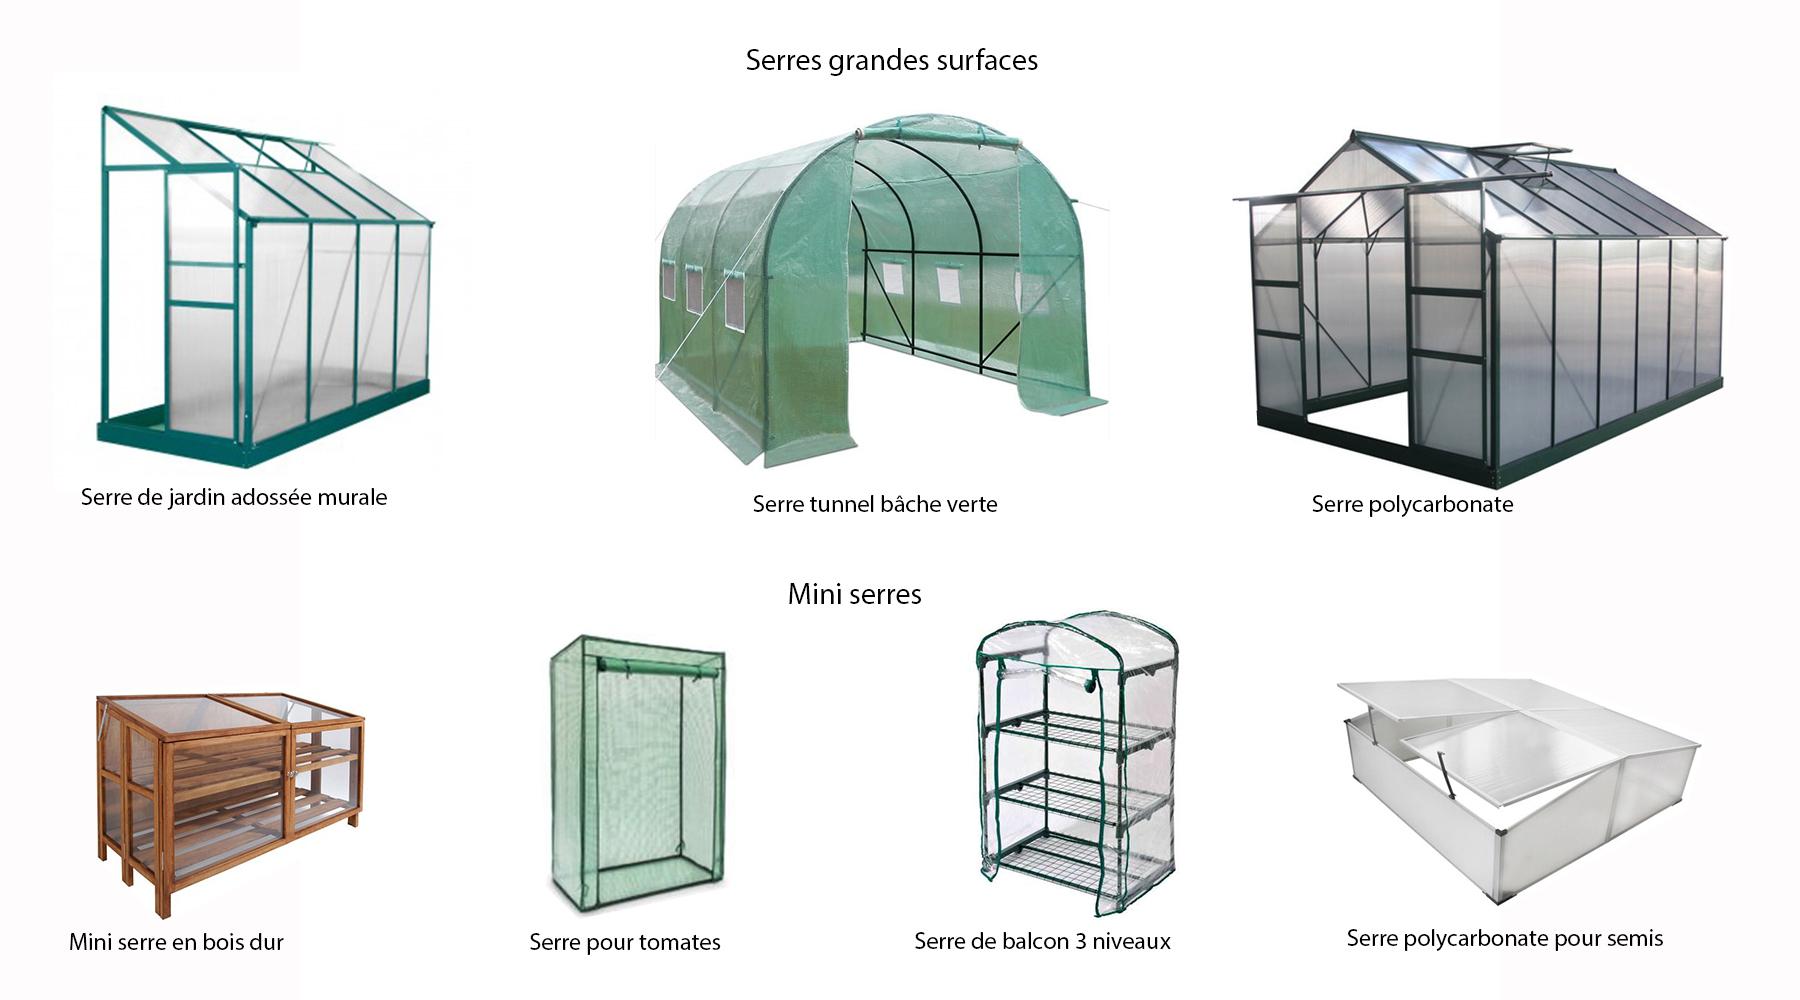 Comment Choisir Sa Serre De Jardin   Guide Complet concernant Fonctionnement D Une Serre De Jardin